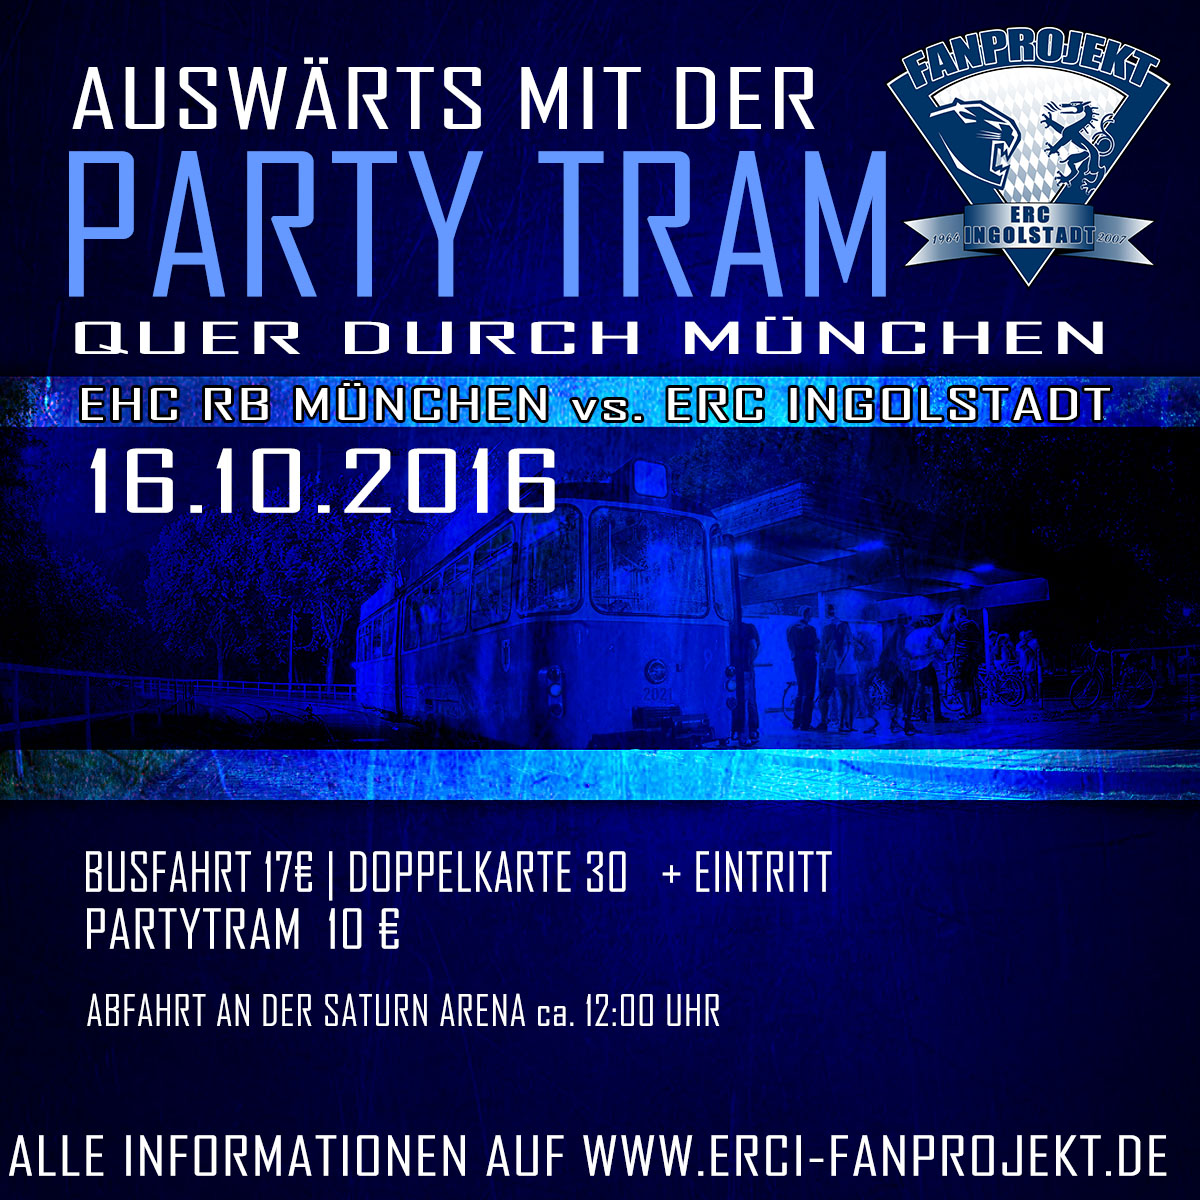 Mit der Partytram durch München!